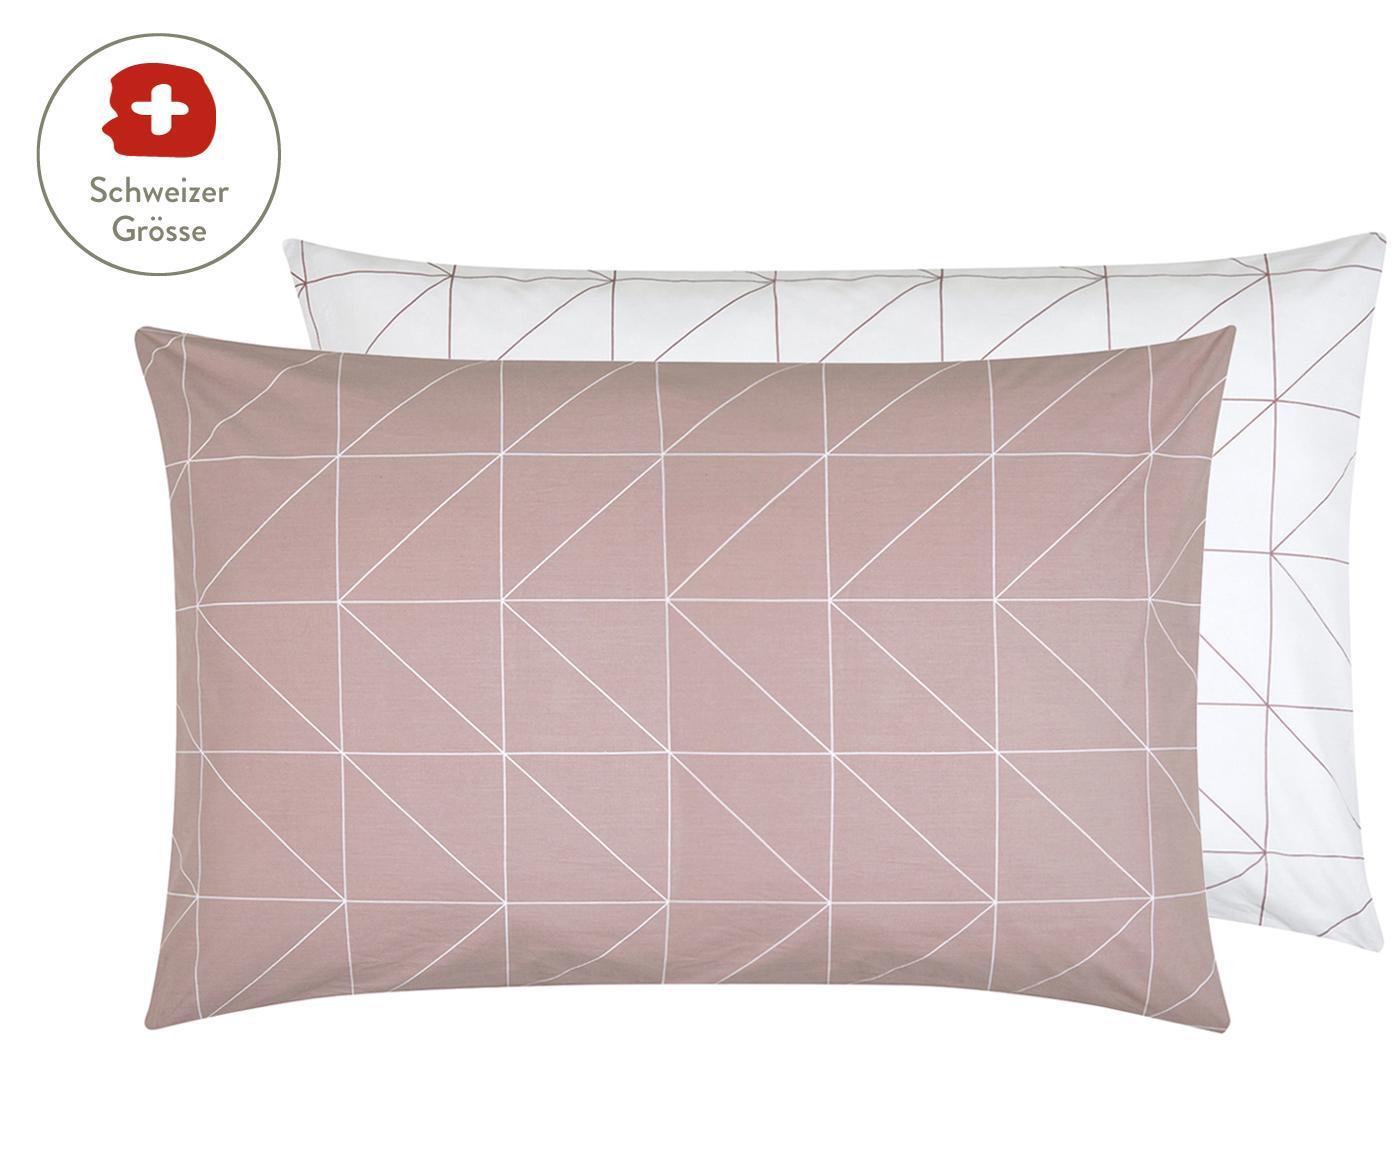 Baumwoll-Wendekissenbezug Marla mit grafischem Muster, Webart: Renforcé Fadendichte 144 , Mauve, Weiss, 65 x 100 cm